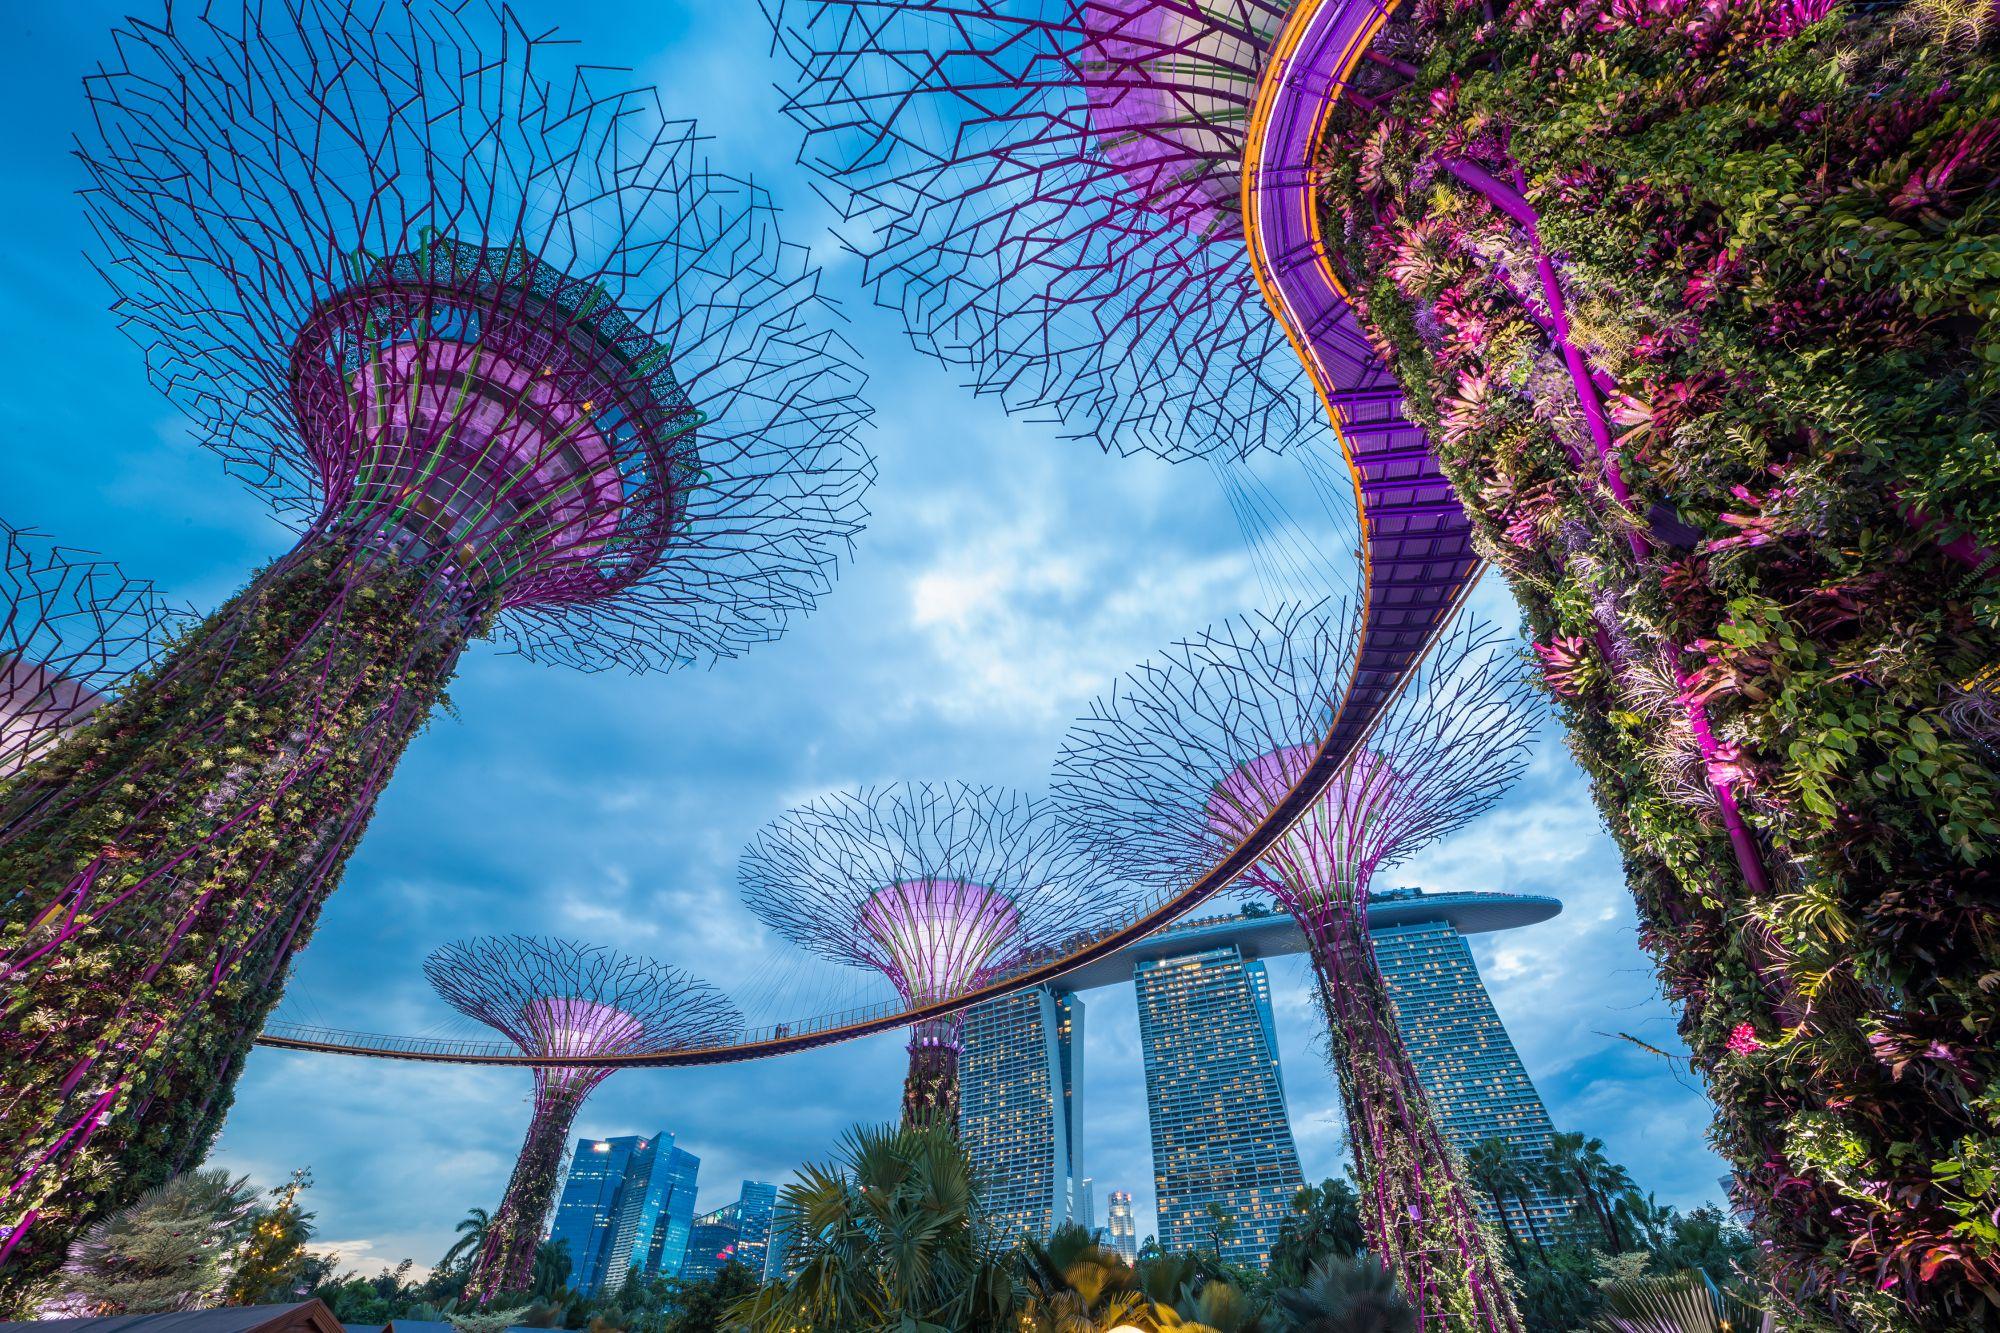 Singapur za 1598 zł w marcu!